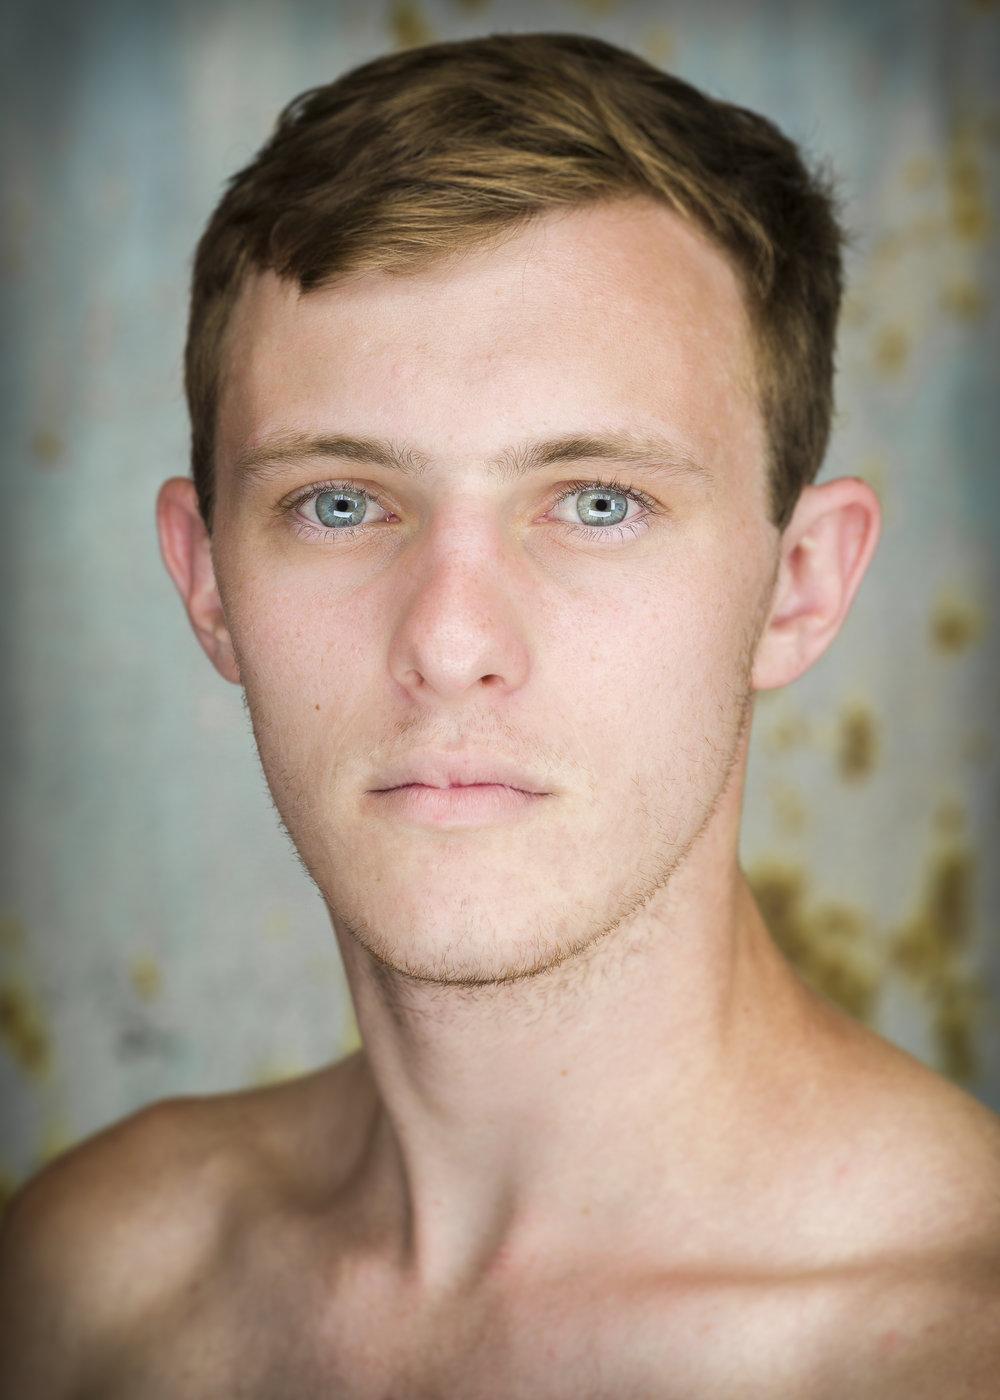 Jordan Bretherton